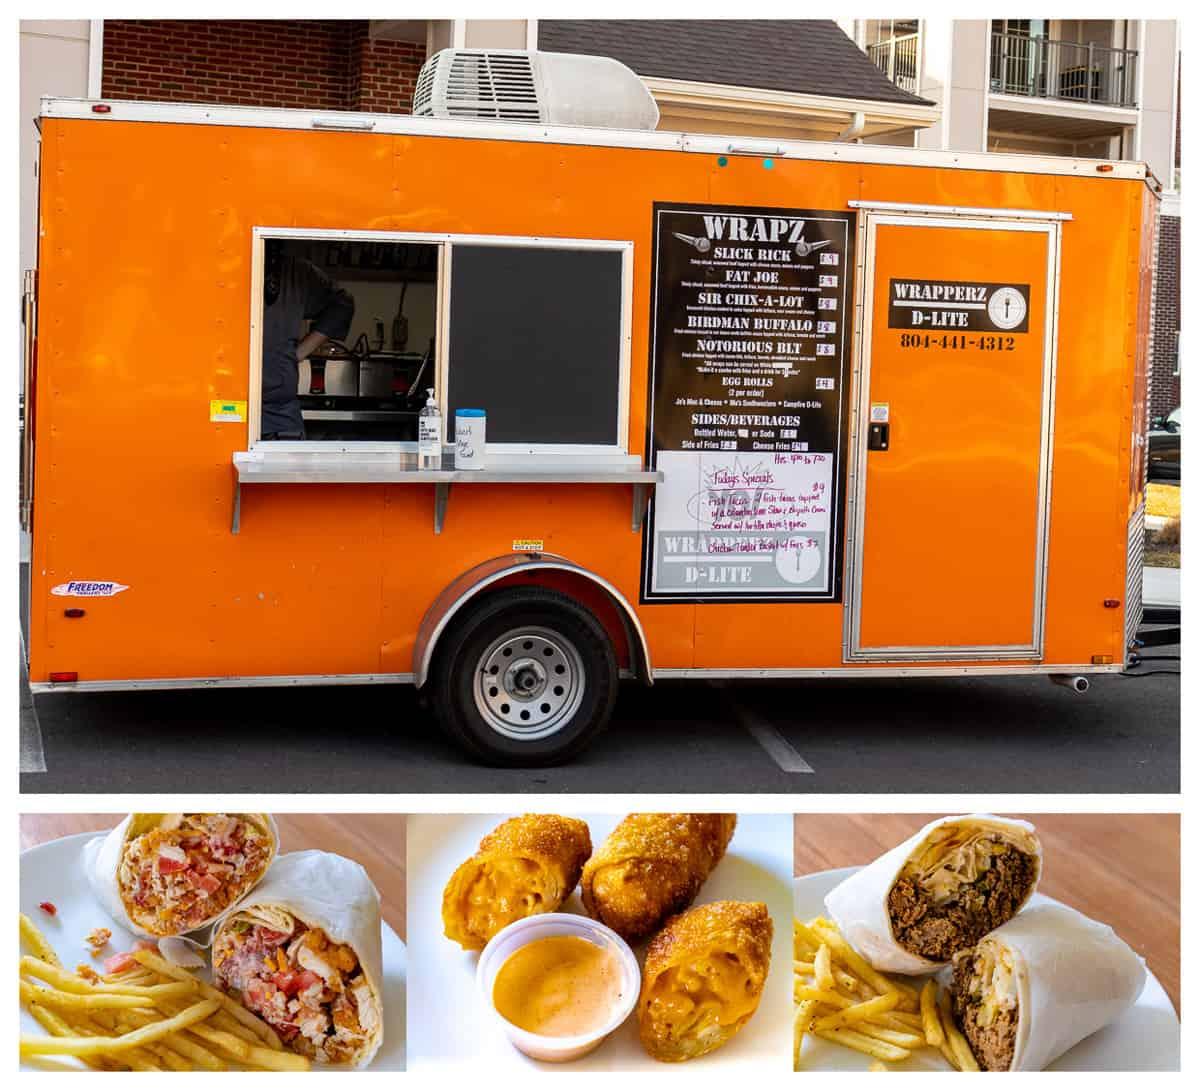 Richmond, VA food trucks: Wrapperz D-Lite food truck and menu items